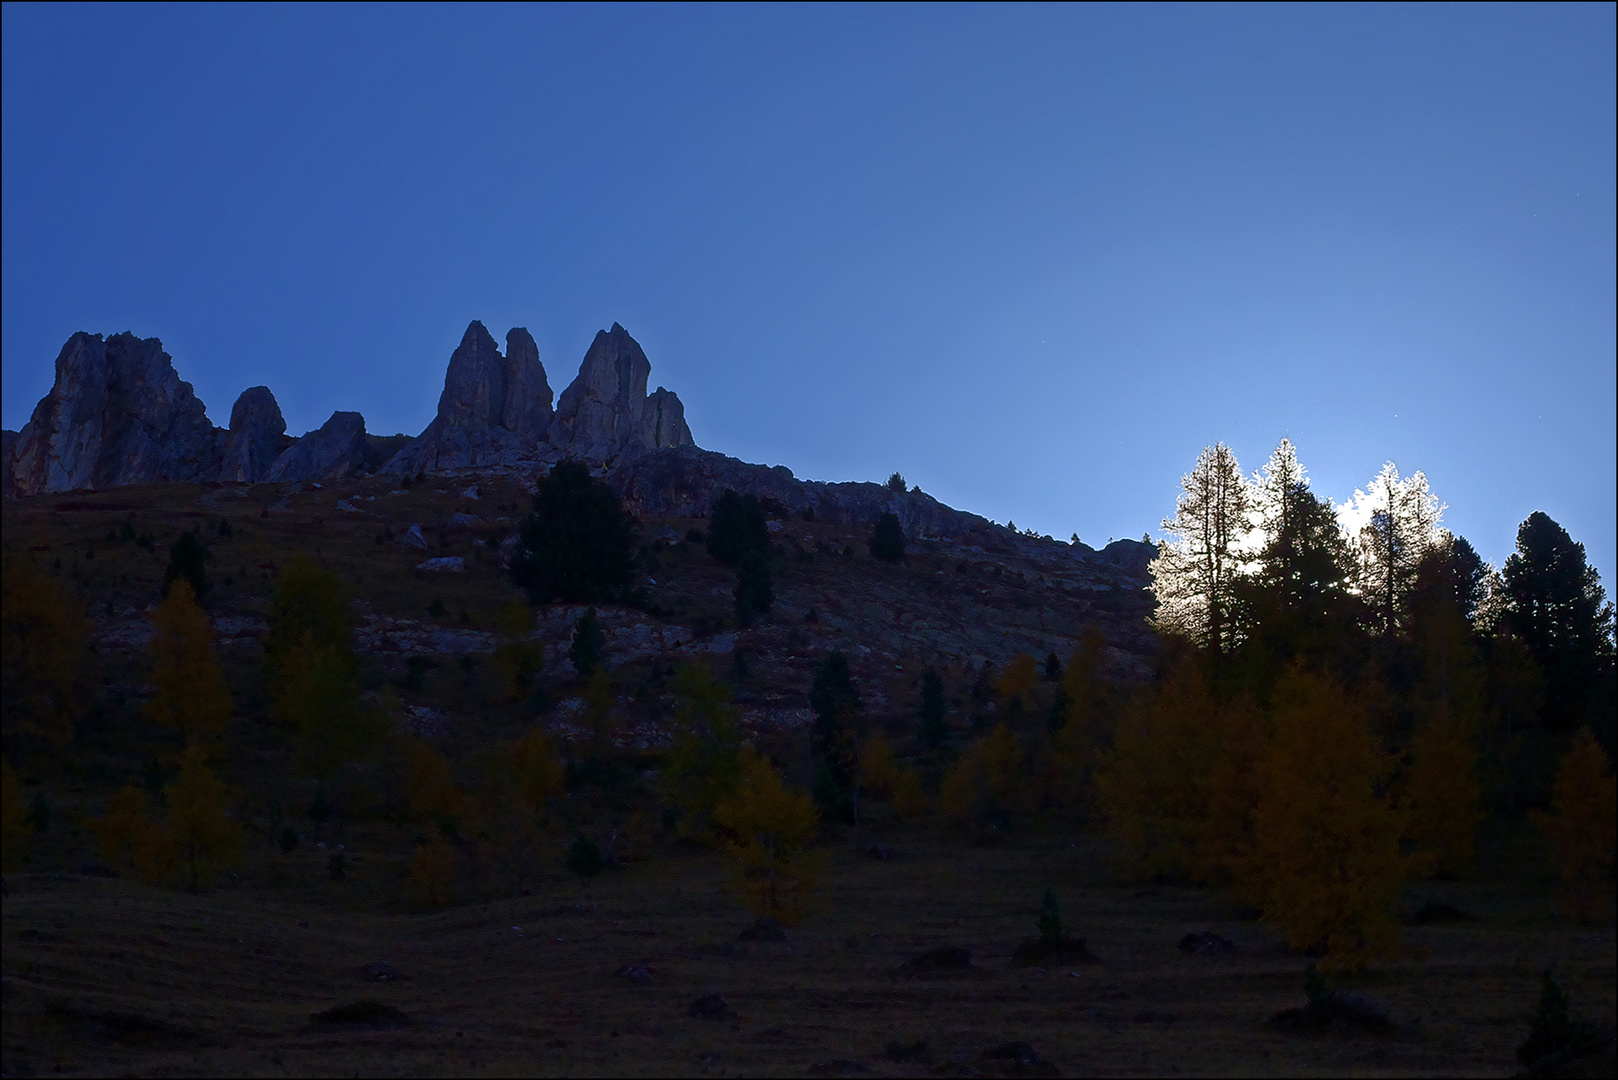 die Morgensonne kommt über den Bergrücken